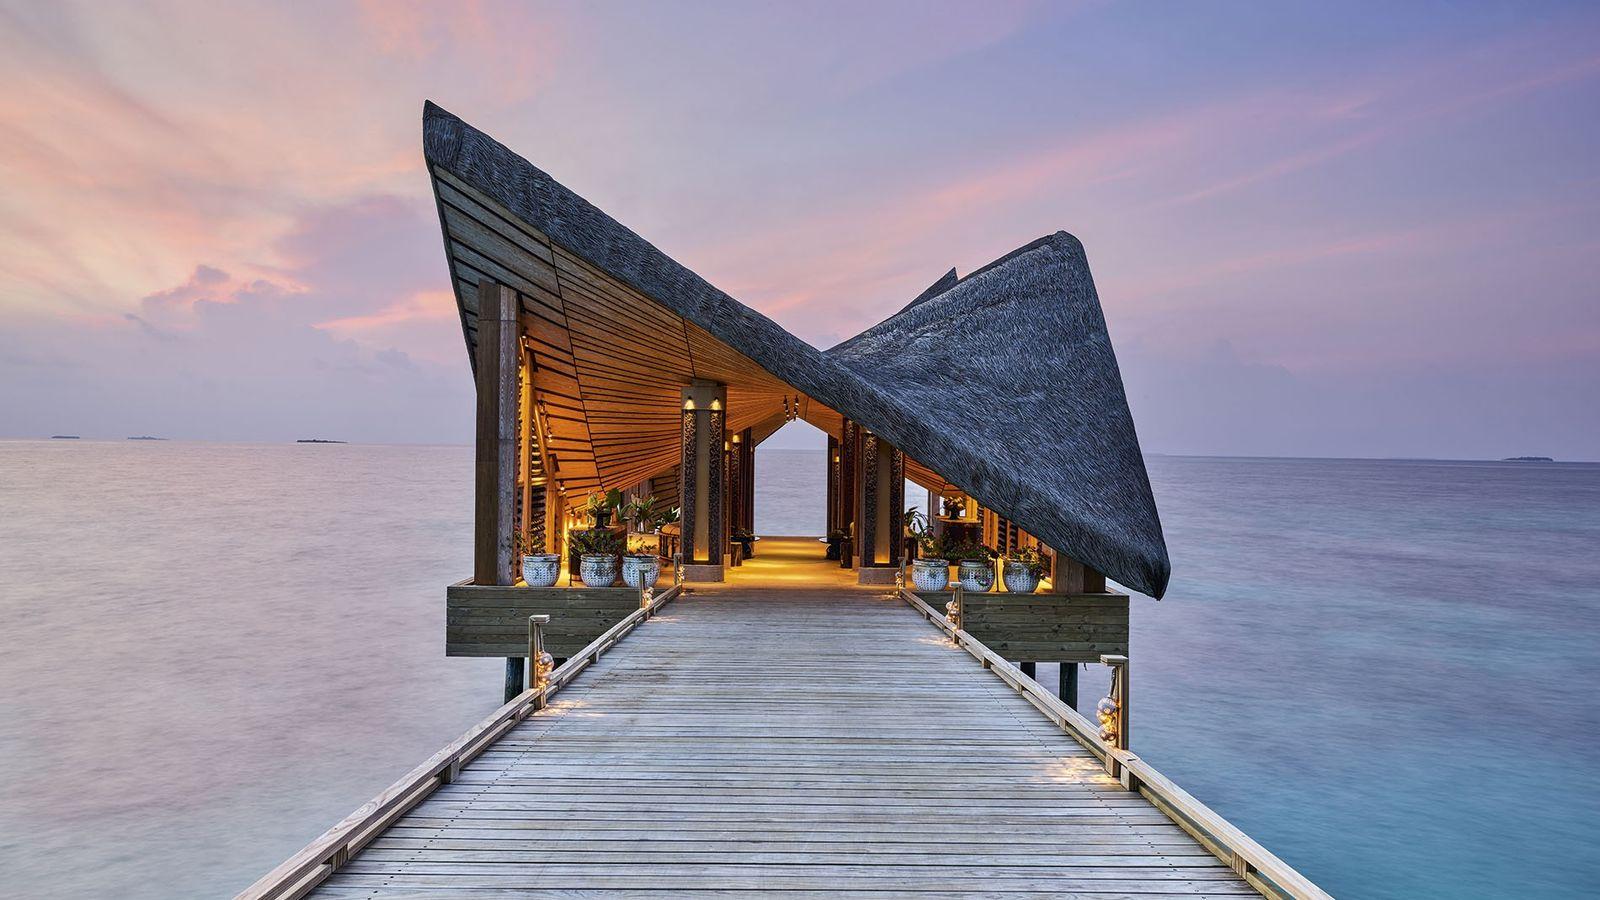 Jetty, Joali Maldives